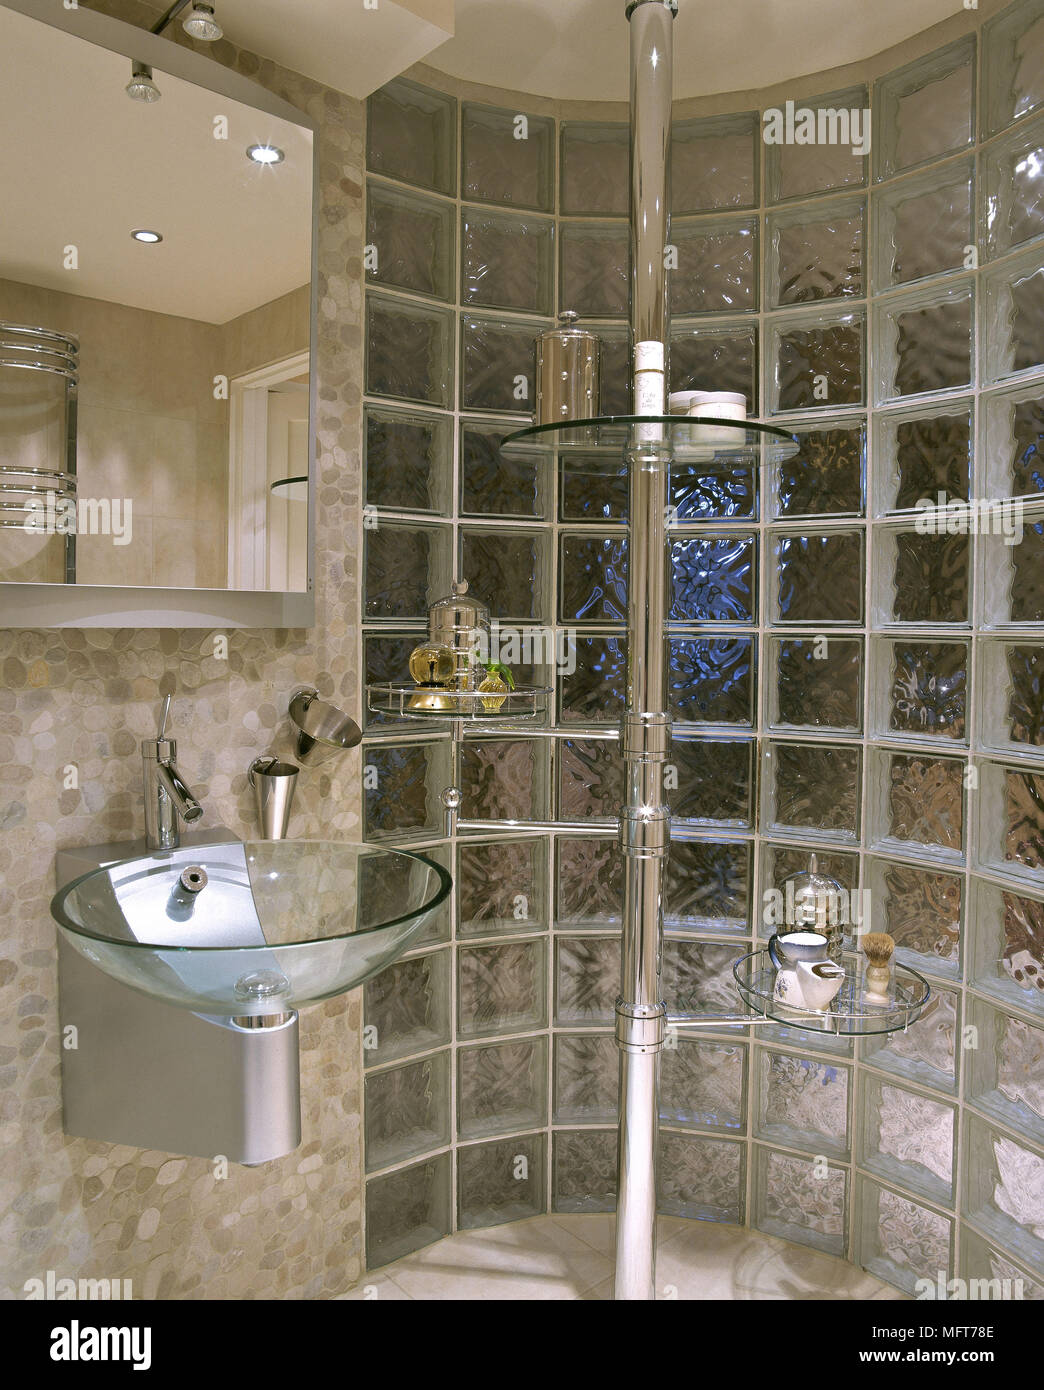 Un detalle de un moderno cuarto de ba o con azulejos r sticos neutral pared de bloques de vidrio - Bloques de vidrio para bano ...